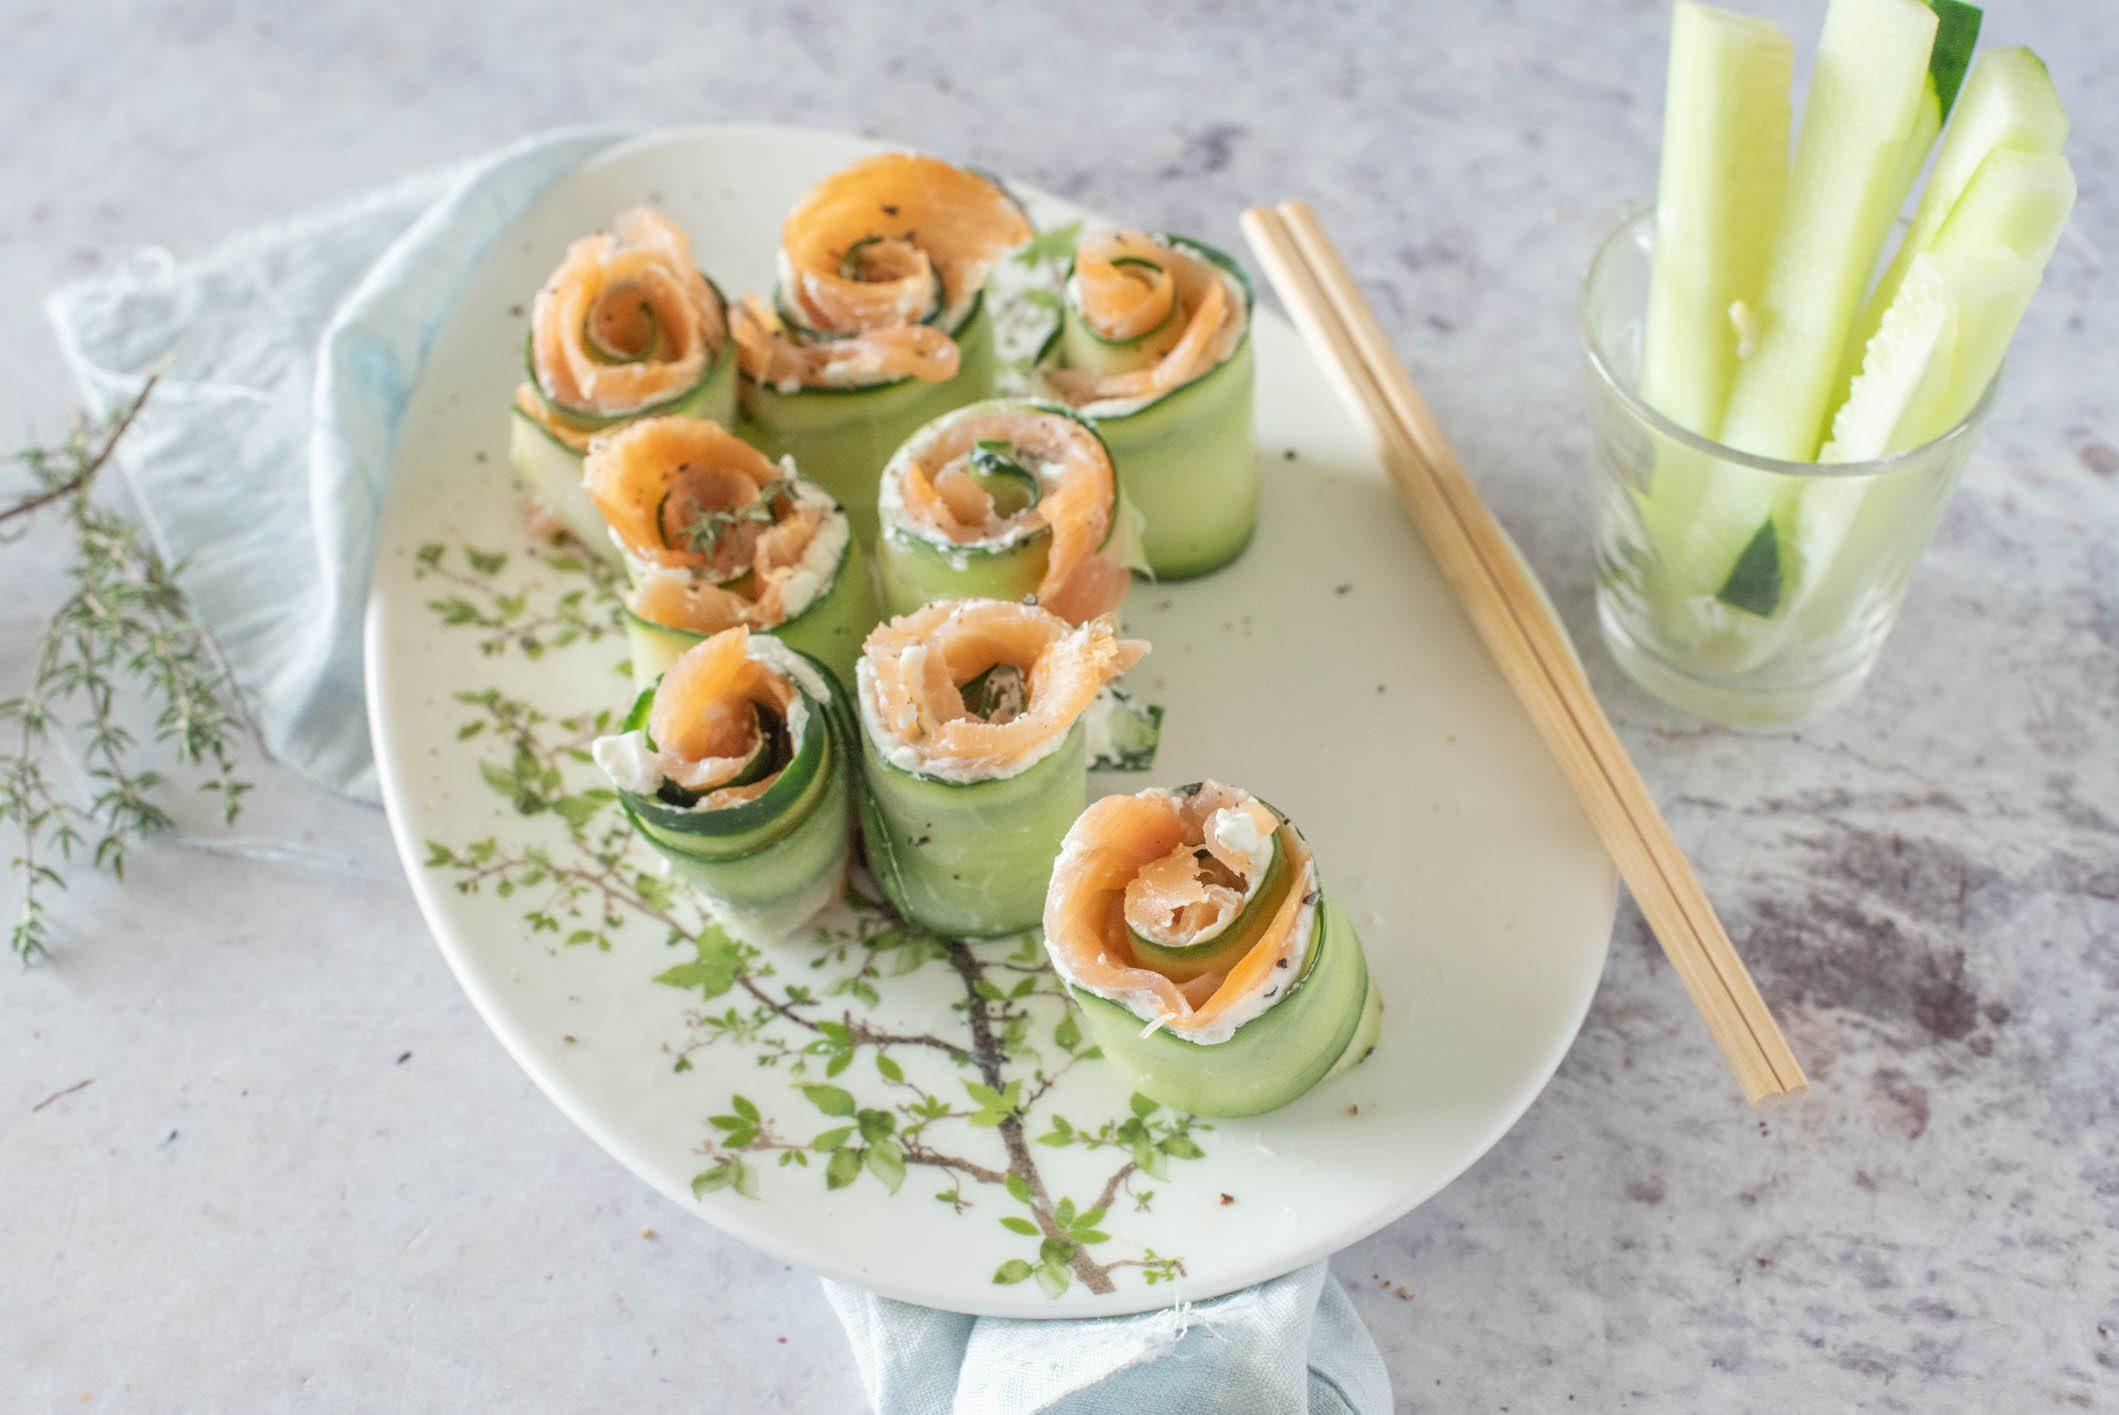 Involtini di salmone e cetrioli: la ricetta dell'antipasto fresco e super light